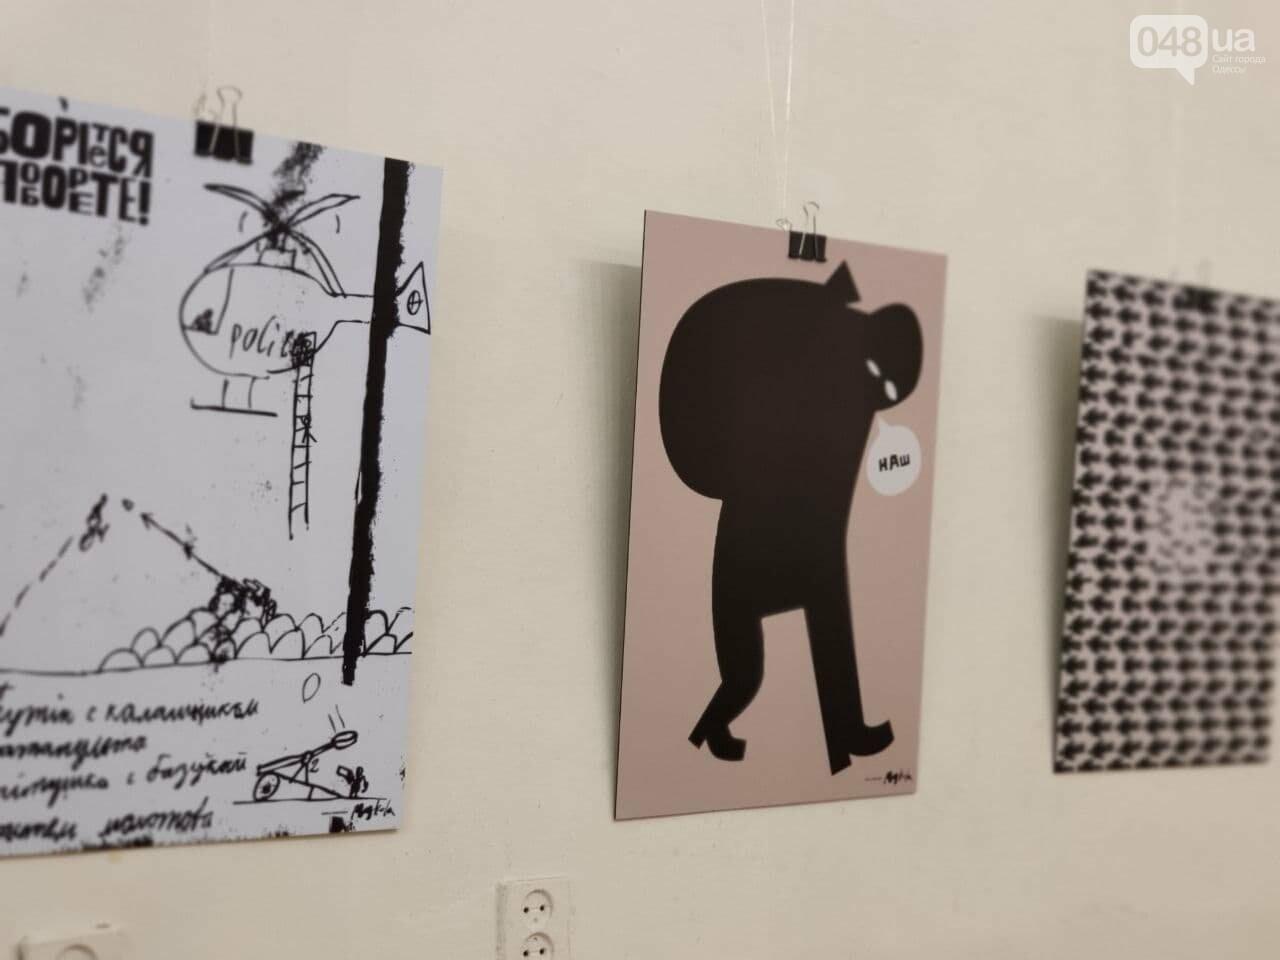 Рефлексия на события Майдана: в Одессе открылась выставка ко Дню Достоинства и Свободы, - ФОТОРЕПОТАЖ, фото-2